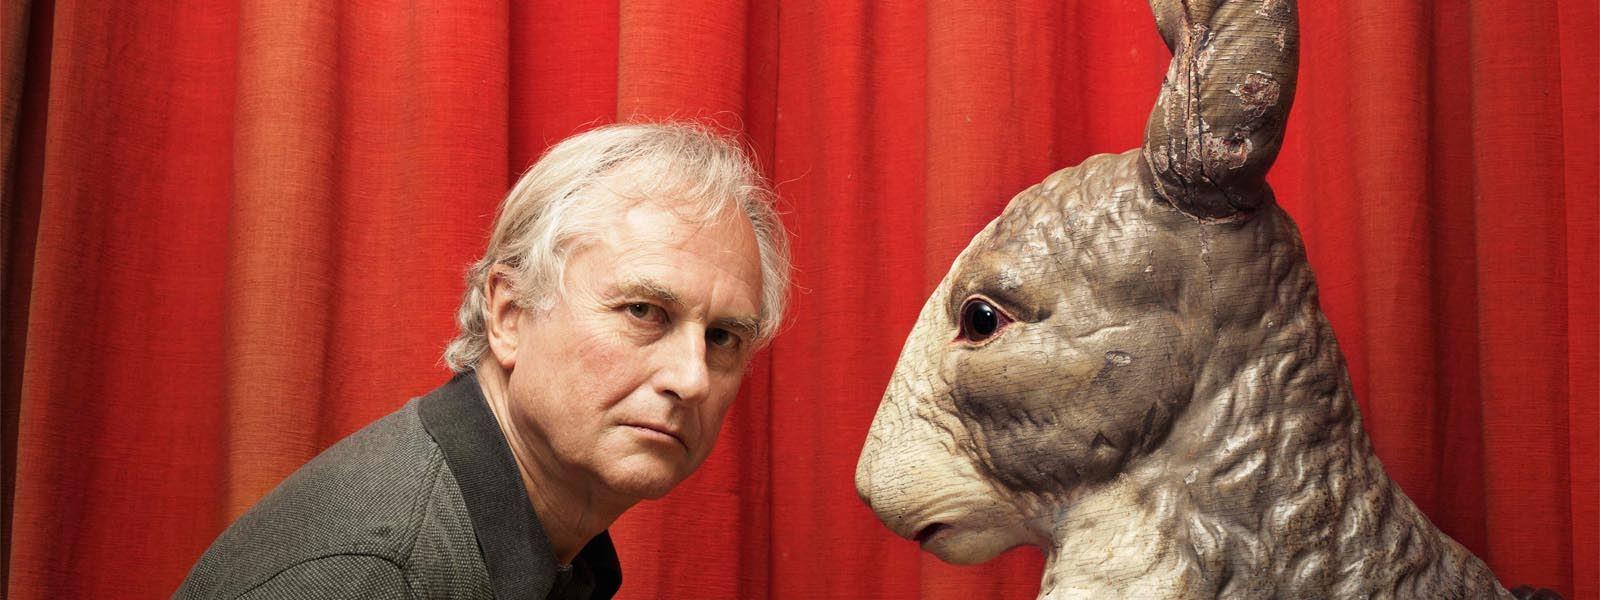 Garść filmików oewolucji odRicharda Dawkinsa